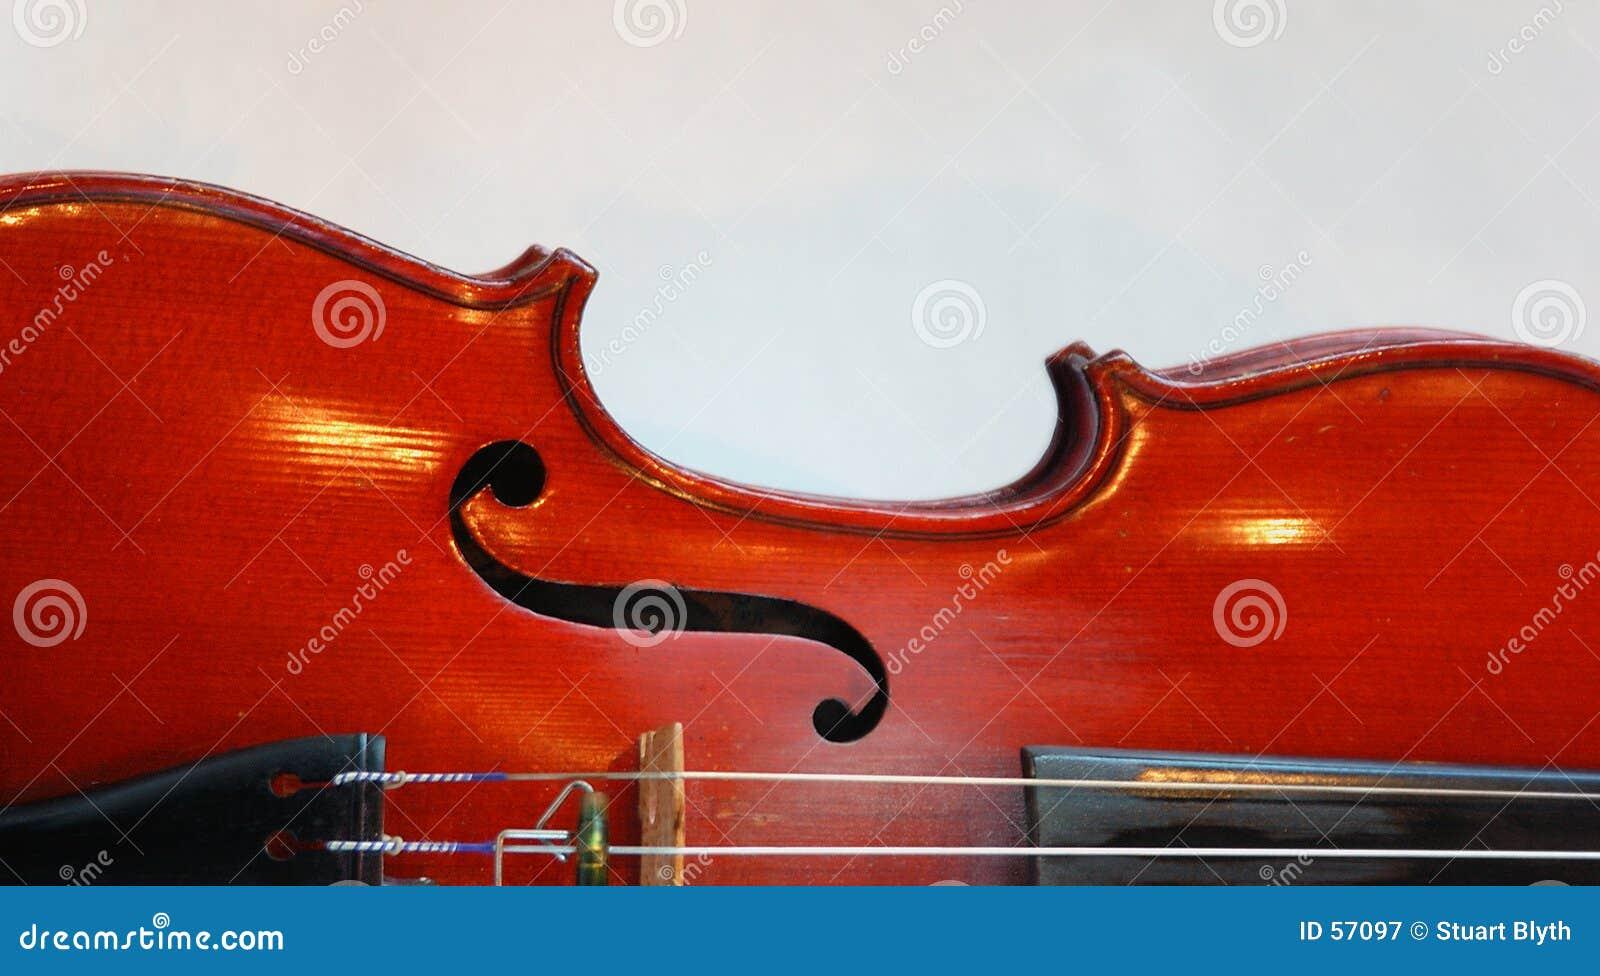 Ciało skrzypce.